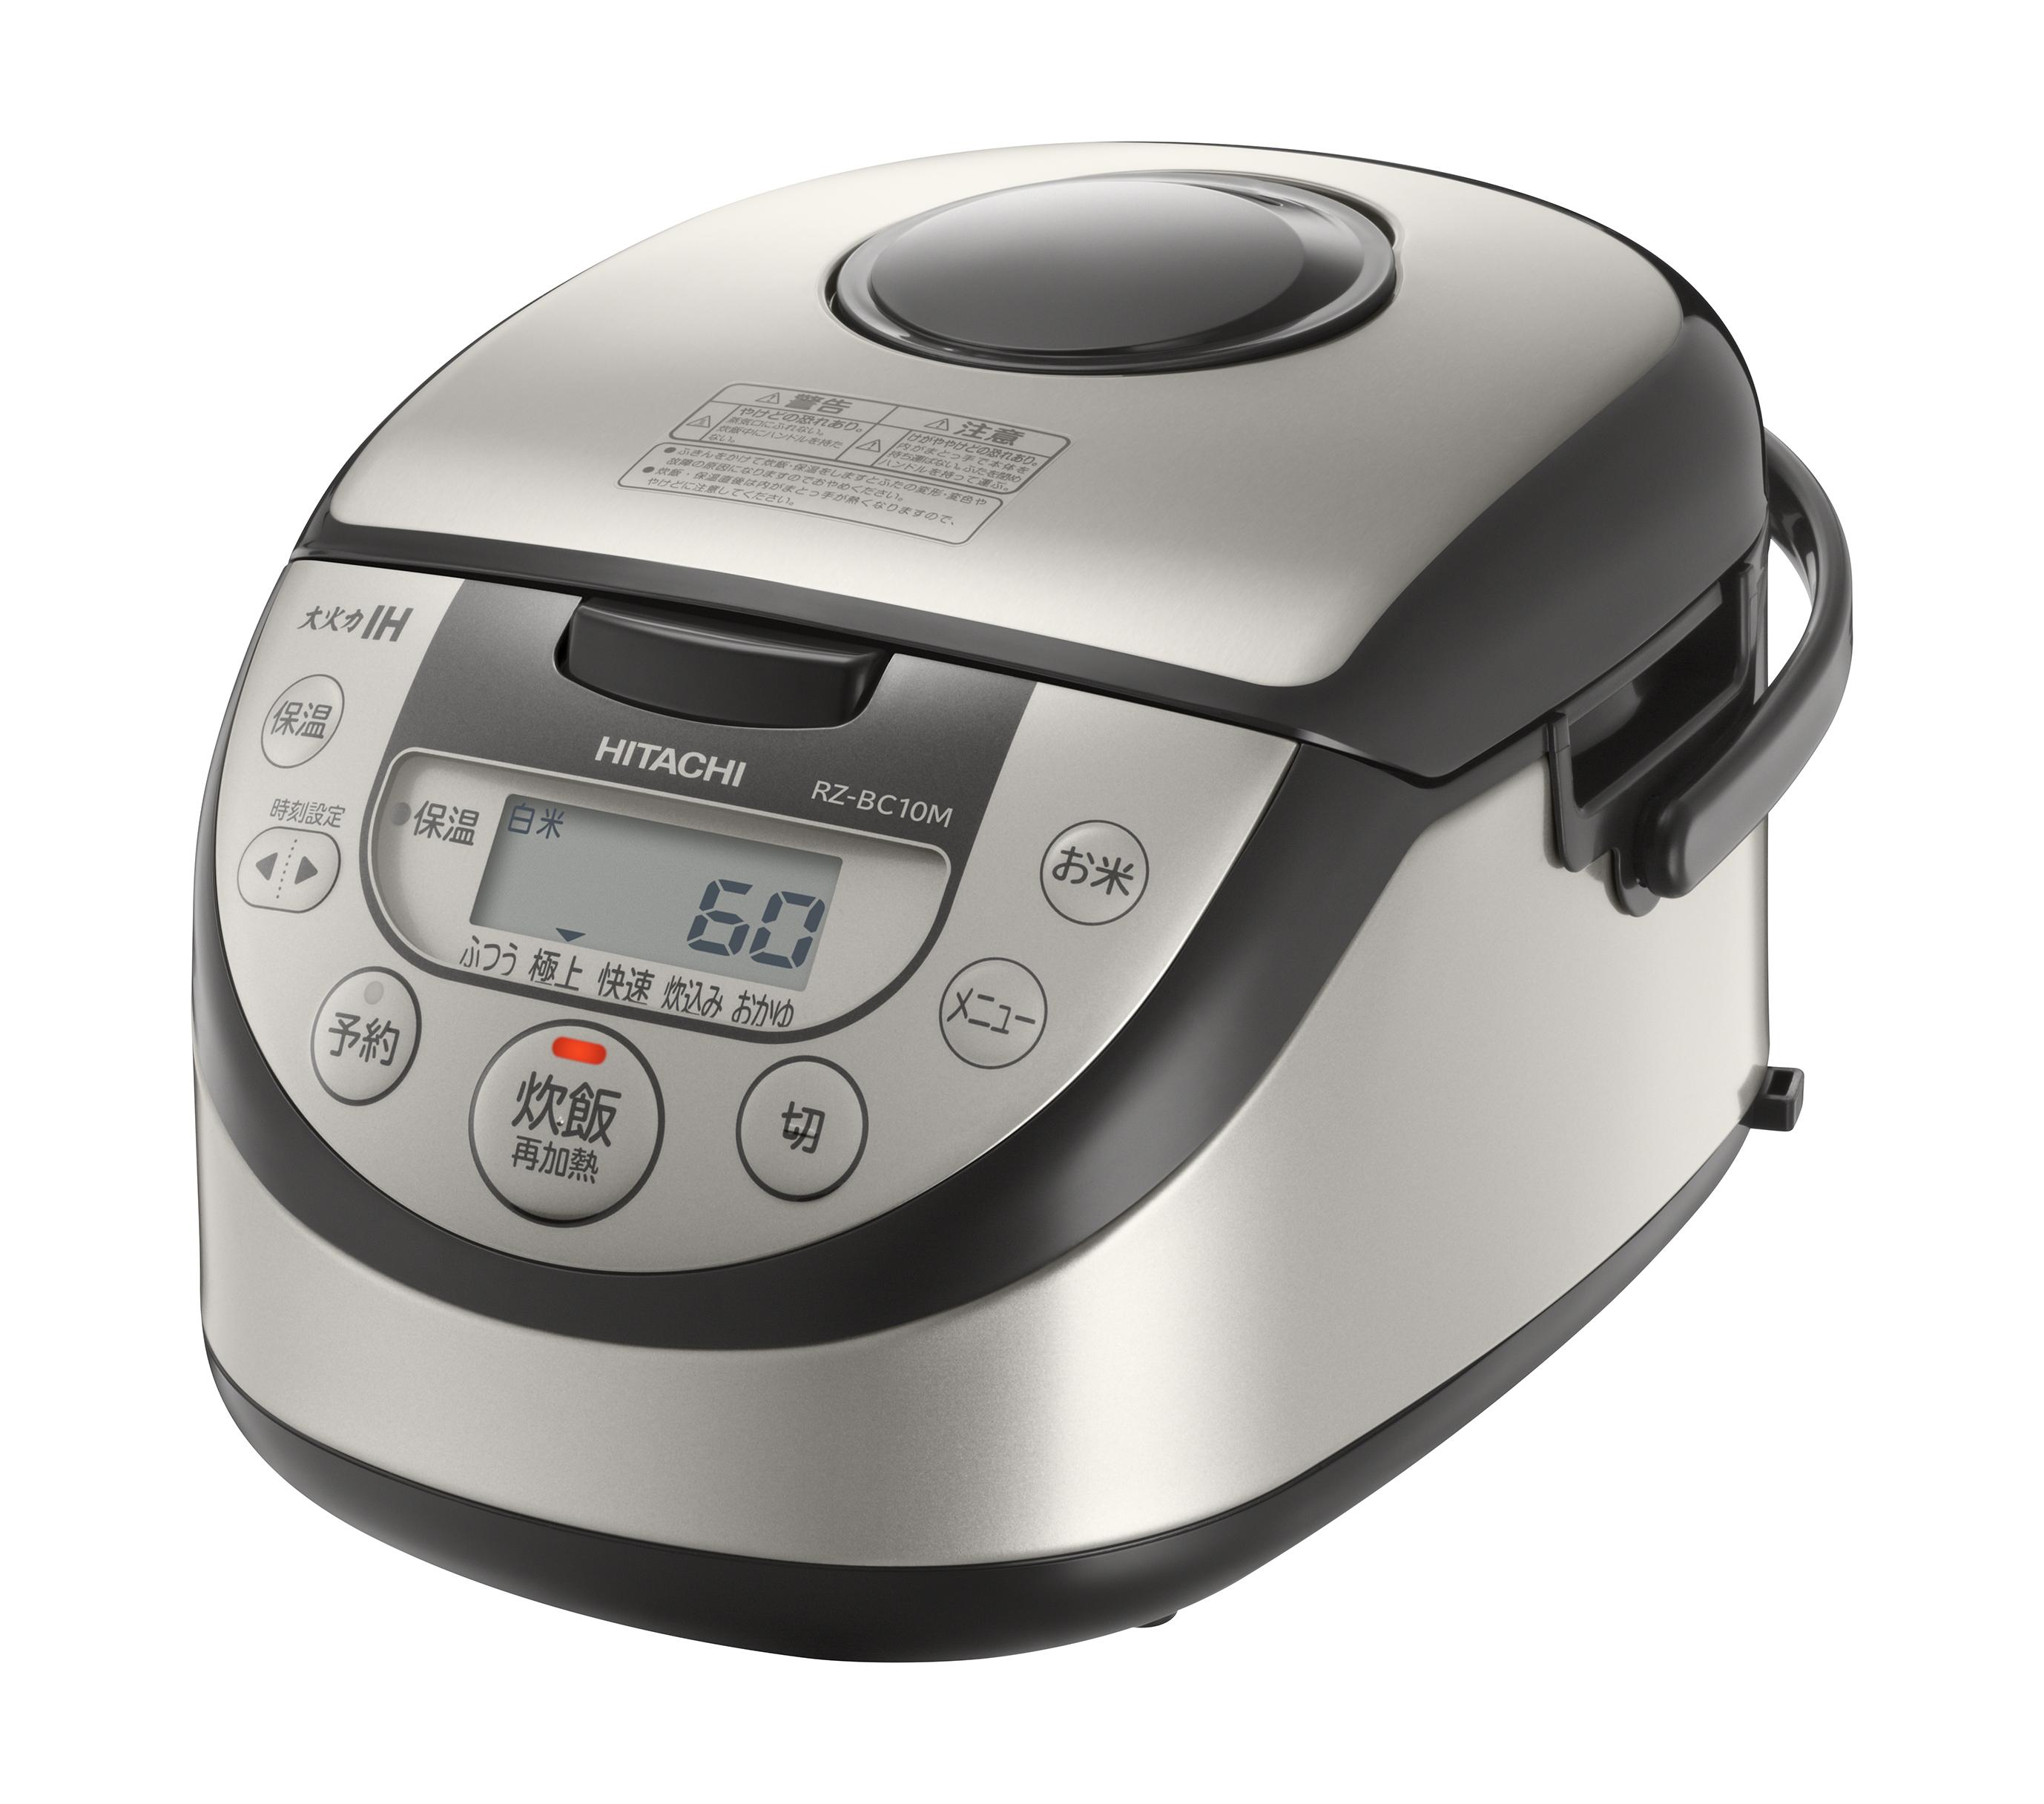 【日立】IHジャー炊飯器 約幅25.4×奥35.2×高さ19.7cm シルバー